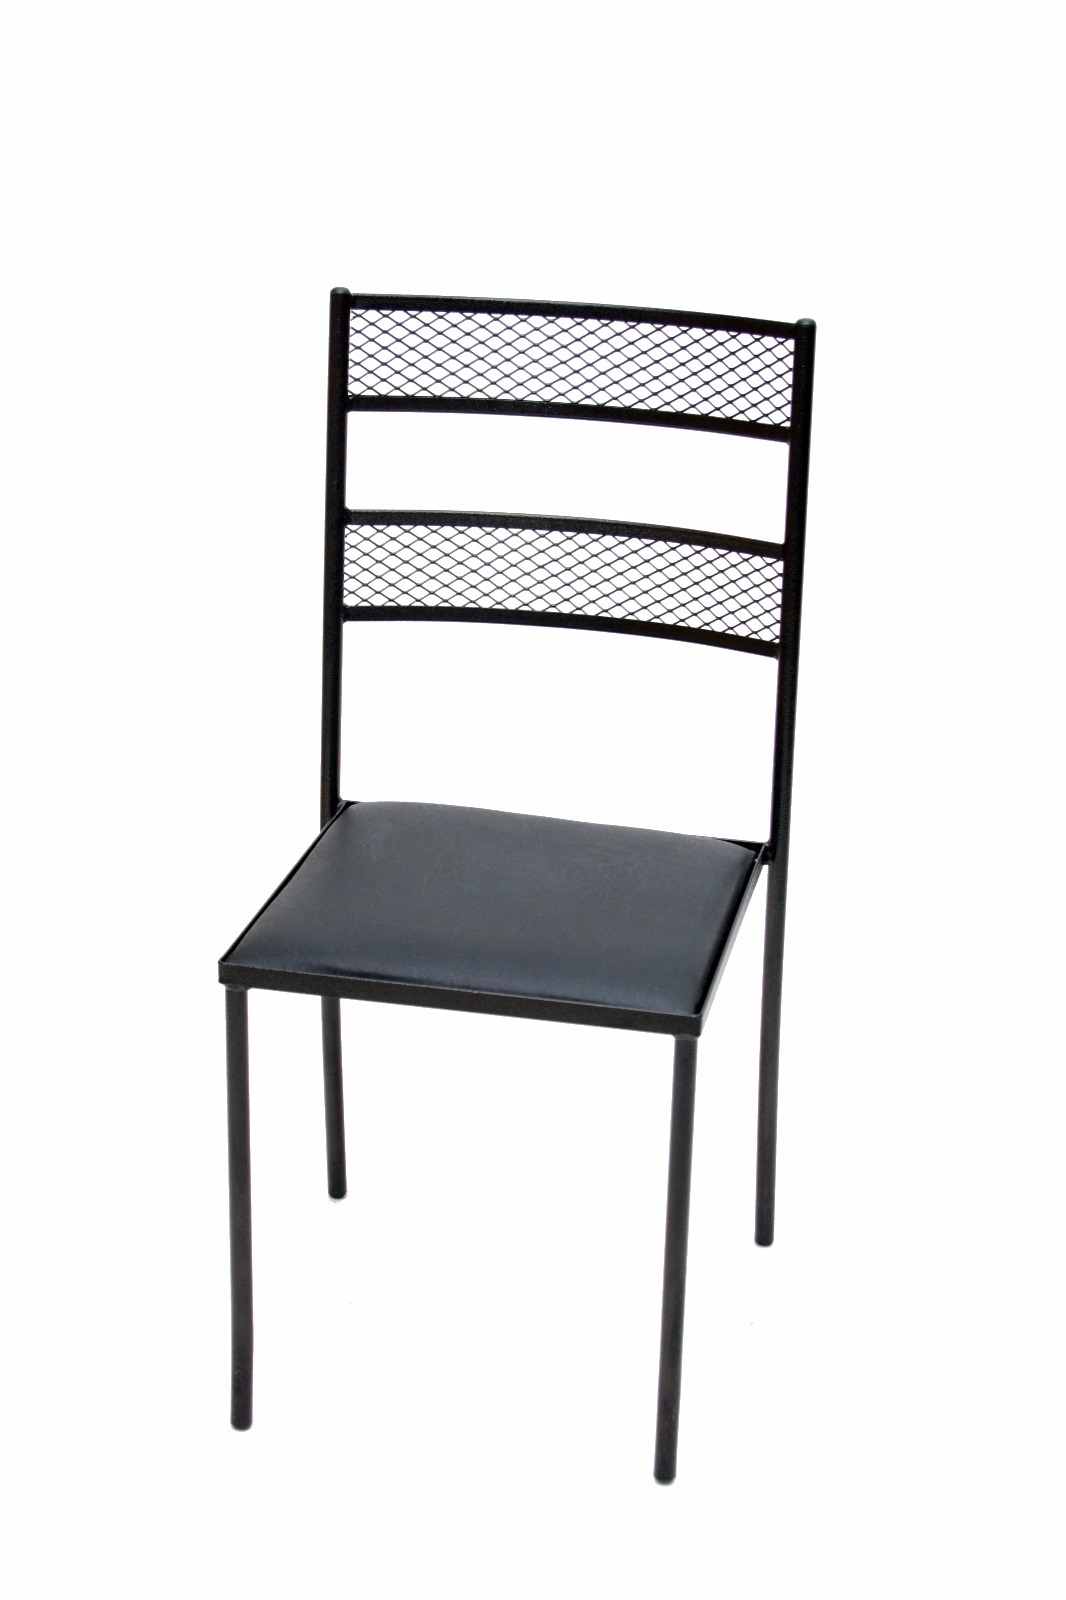 cadeira de ferro remol cadeira de ferro palha indiana cadeira de ferro  #4C5159 1066x1600